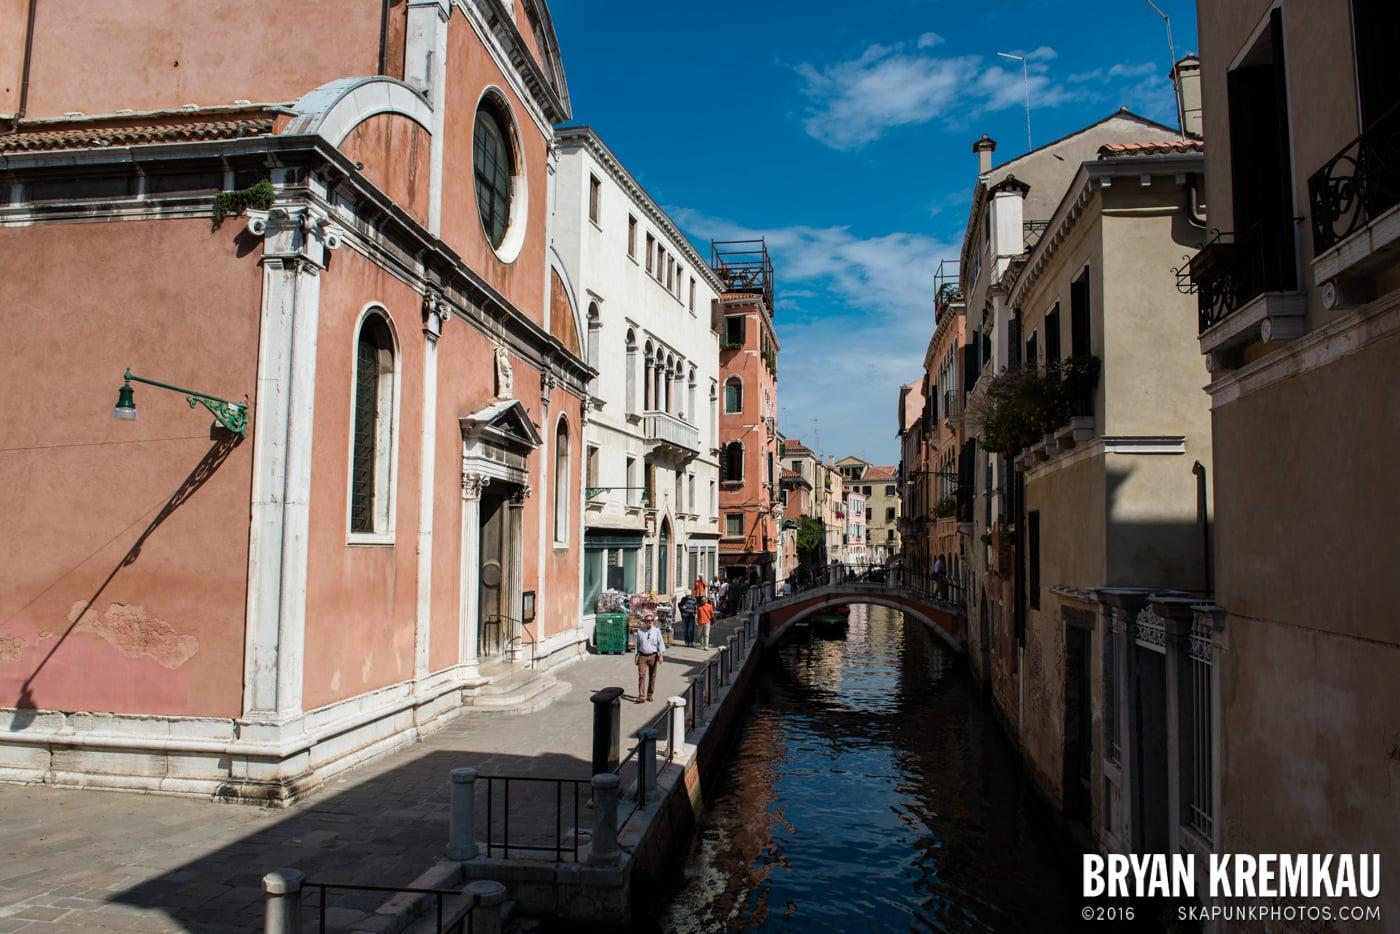 Italy Vacation - Day 5: Venice - 9.13.13 (72)